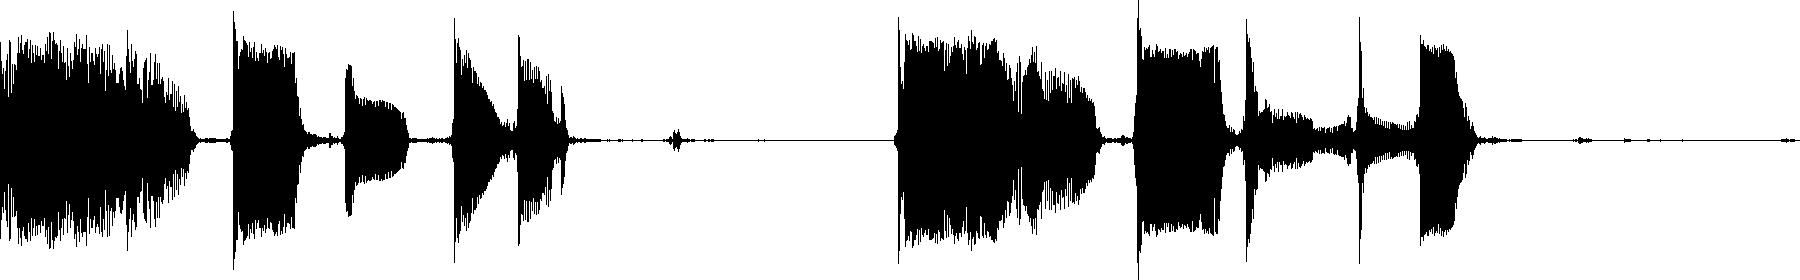 guitarfunk18 100